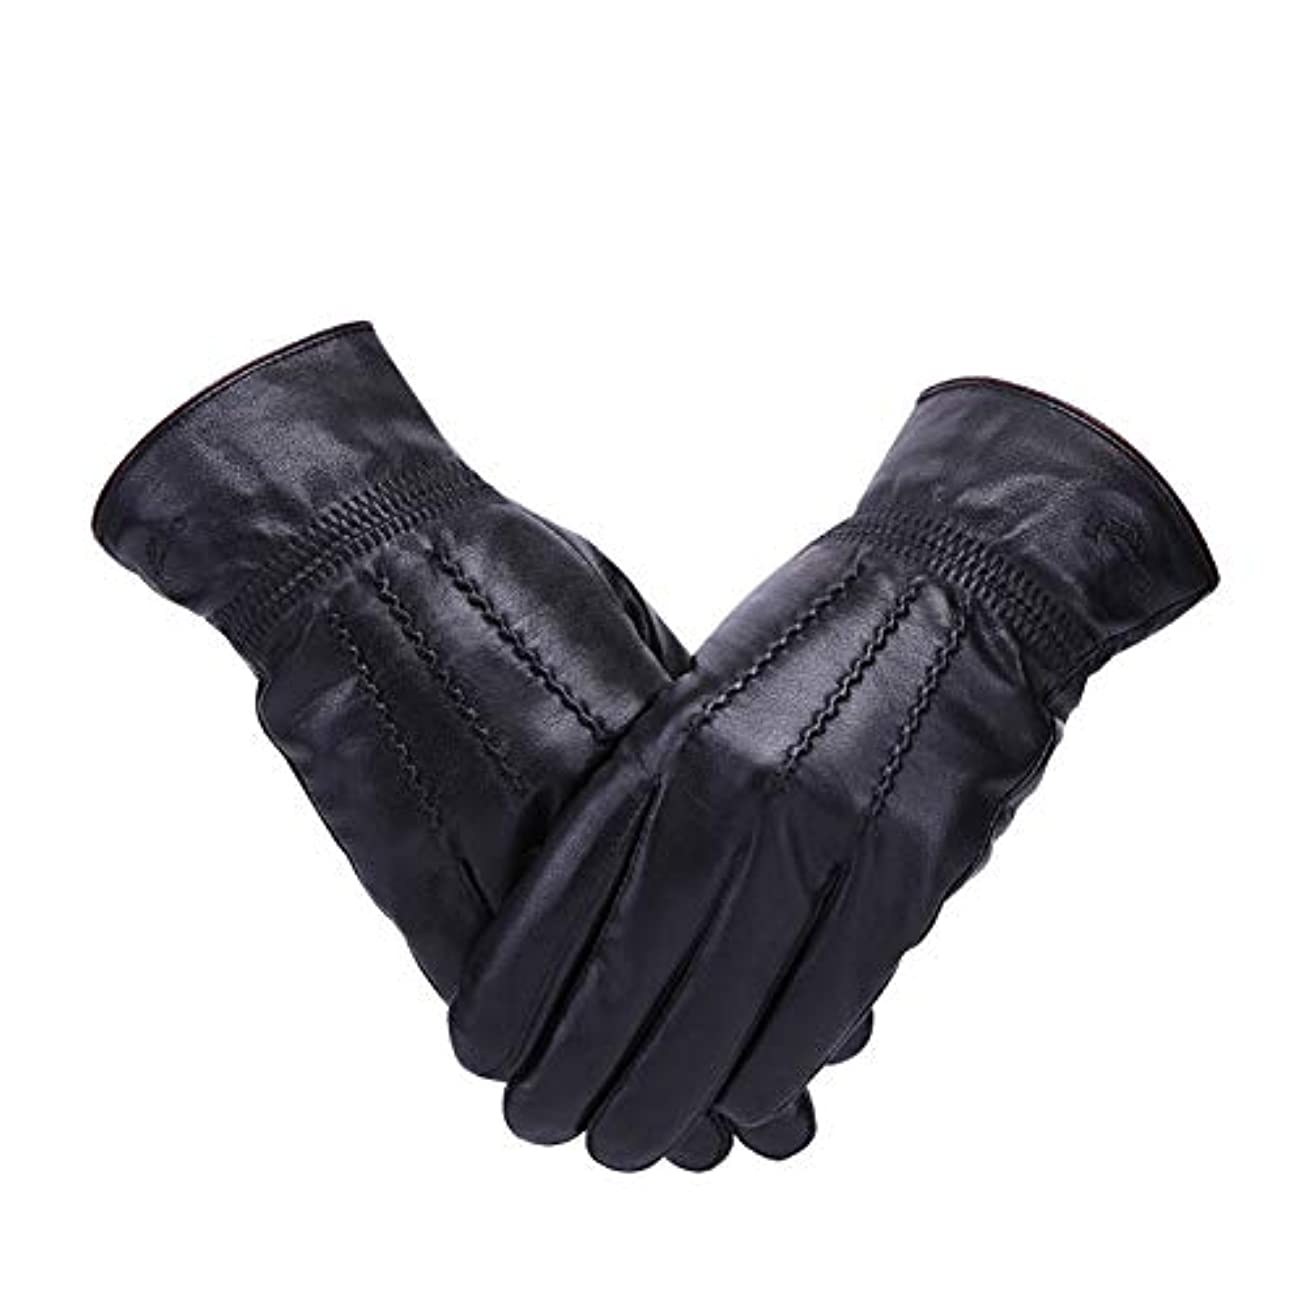 深めるワンダー書誌メンズグローブ - ウィンタープラスカシミア暖かい防風性のあるサイクリングを駆動する防水スタイリッシュな新ビジネス CONGMING (色 : Men's gloves - black, サイズ さいず : XL)